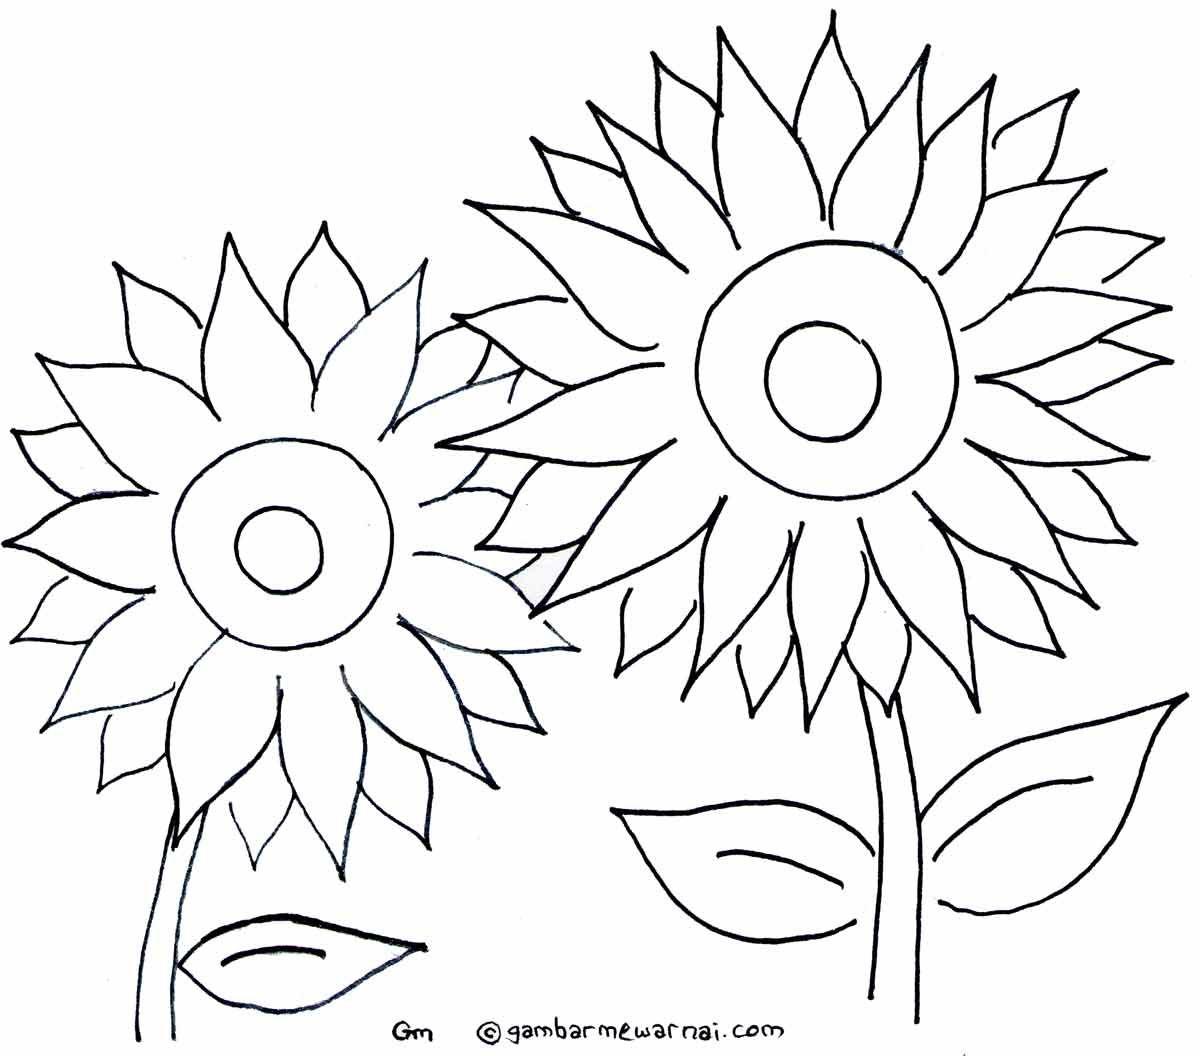 Mewarnai Gambar Bunga Matahari Bunga Matahari Seni